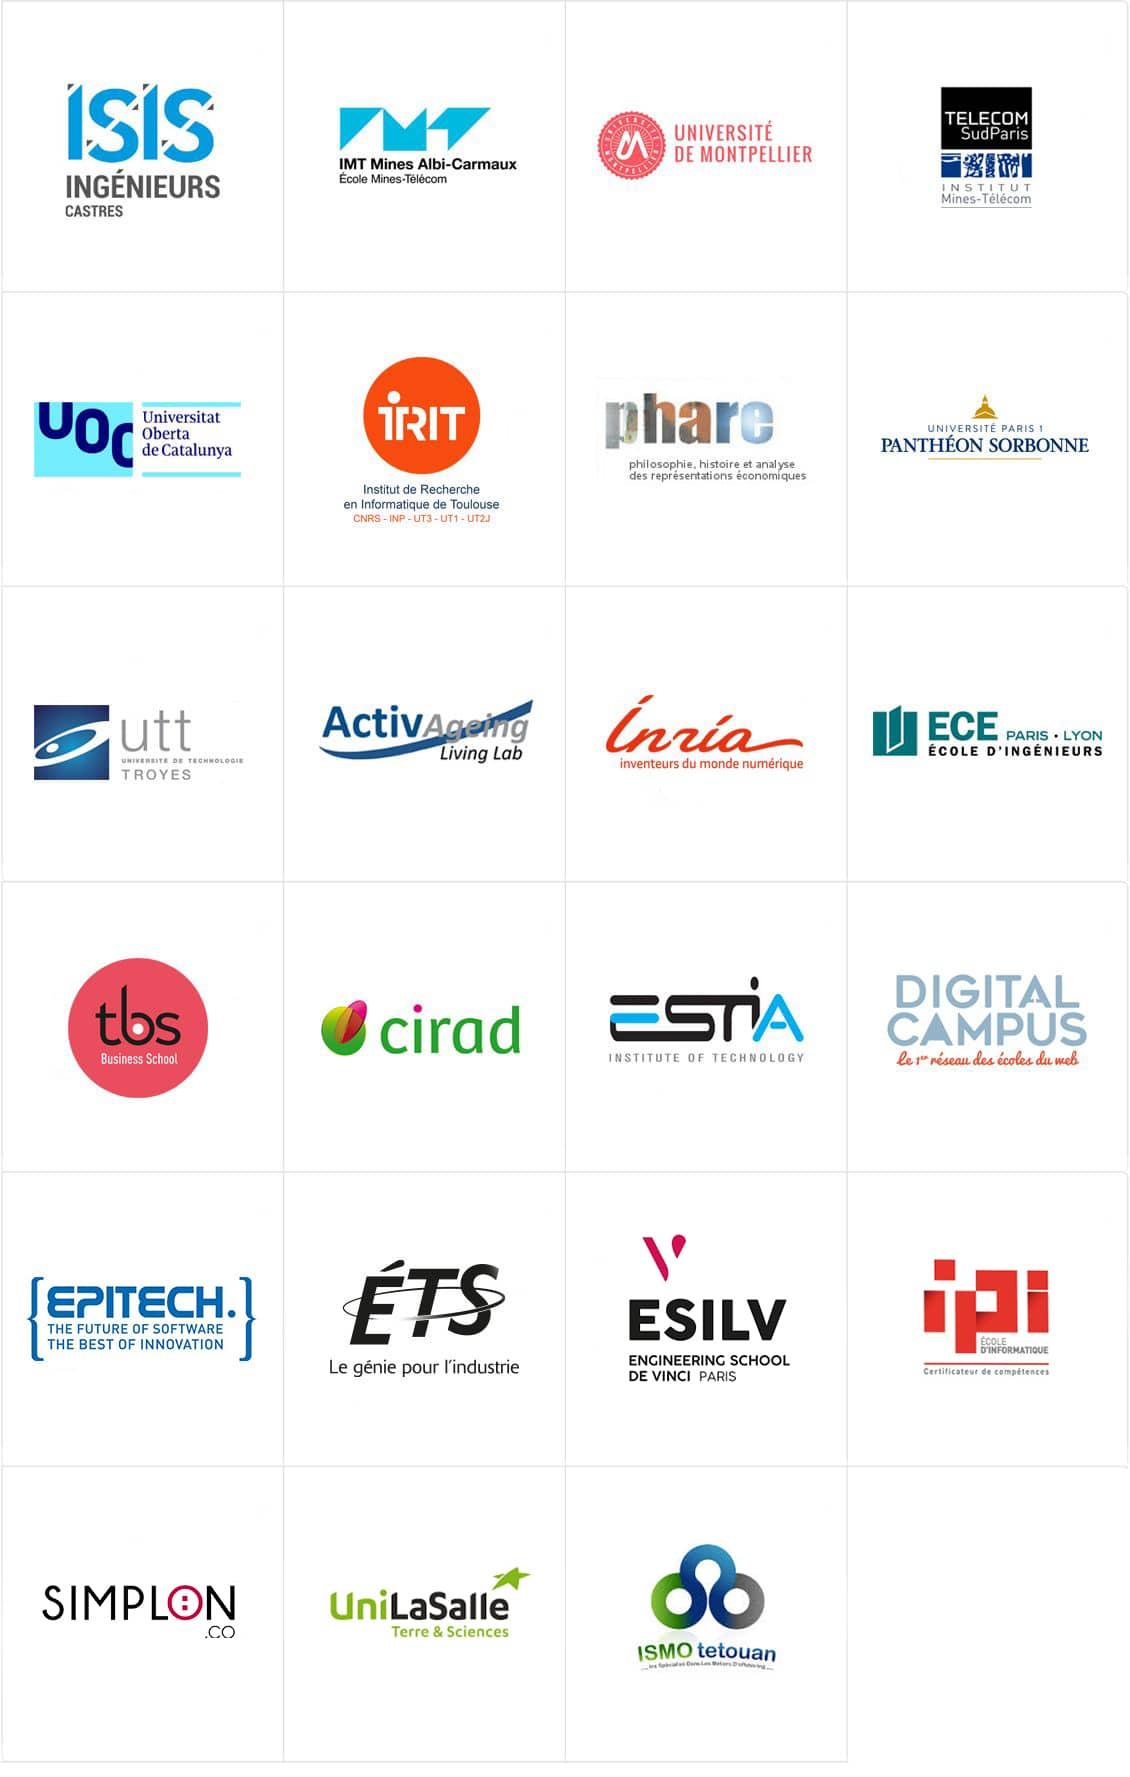 Lista de escuelas y universidades asociadas.